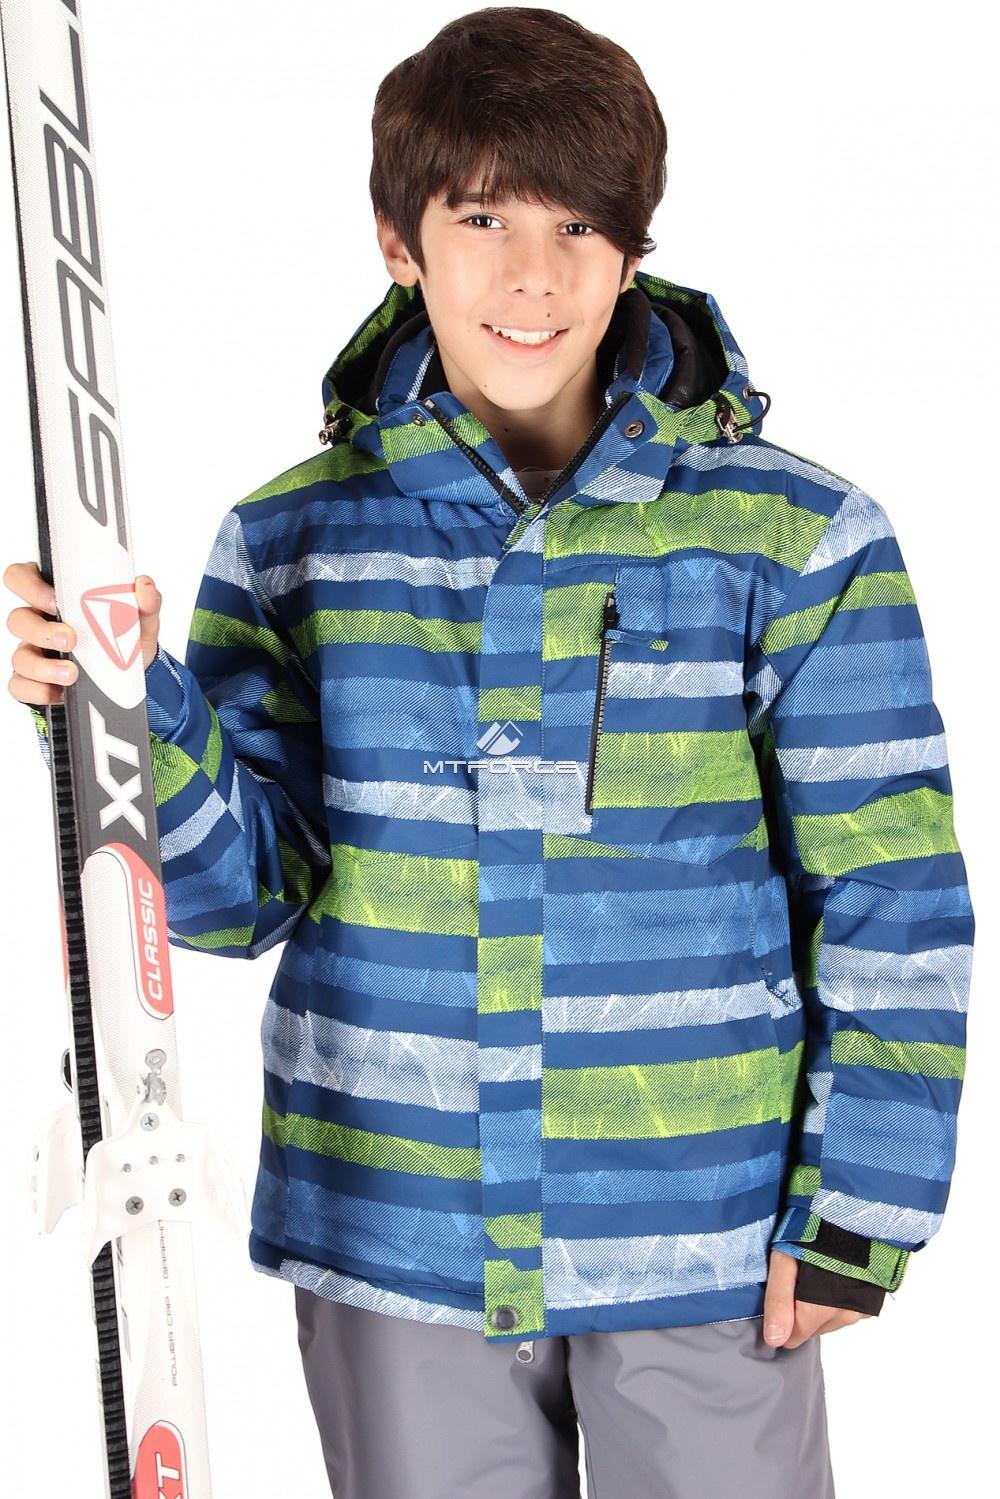 Купить оптом Куртка горнолыжная подростковая для мальчика сиенго цвета 547-1S